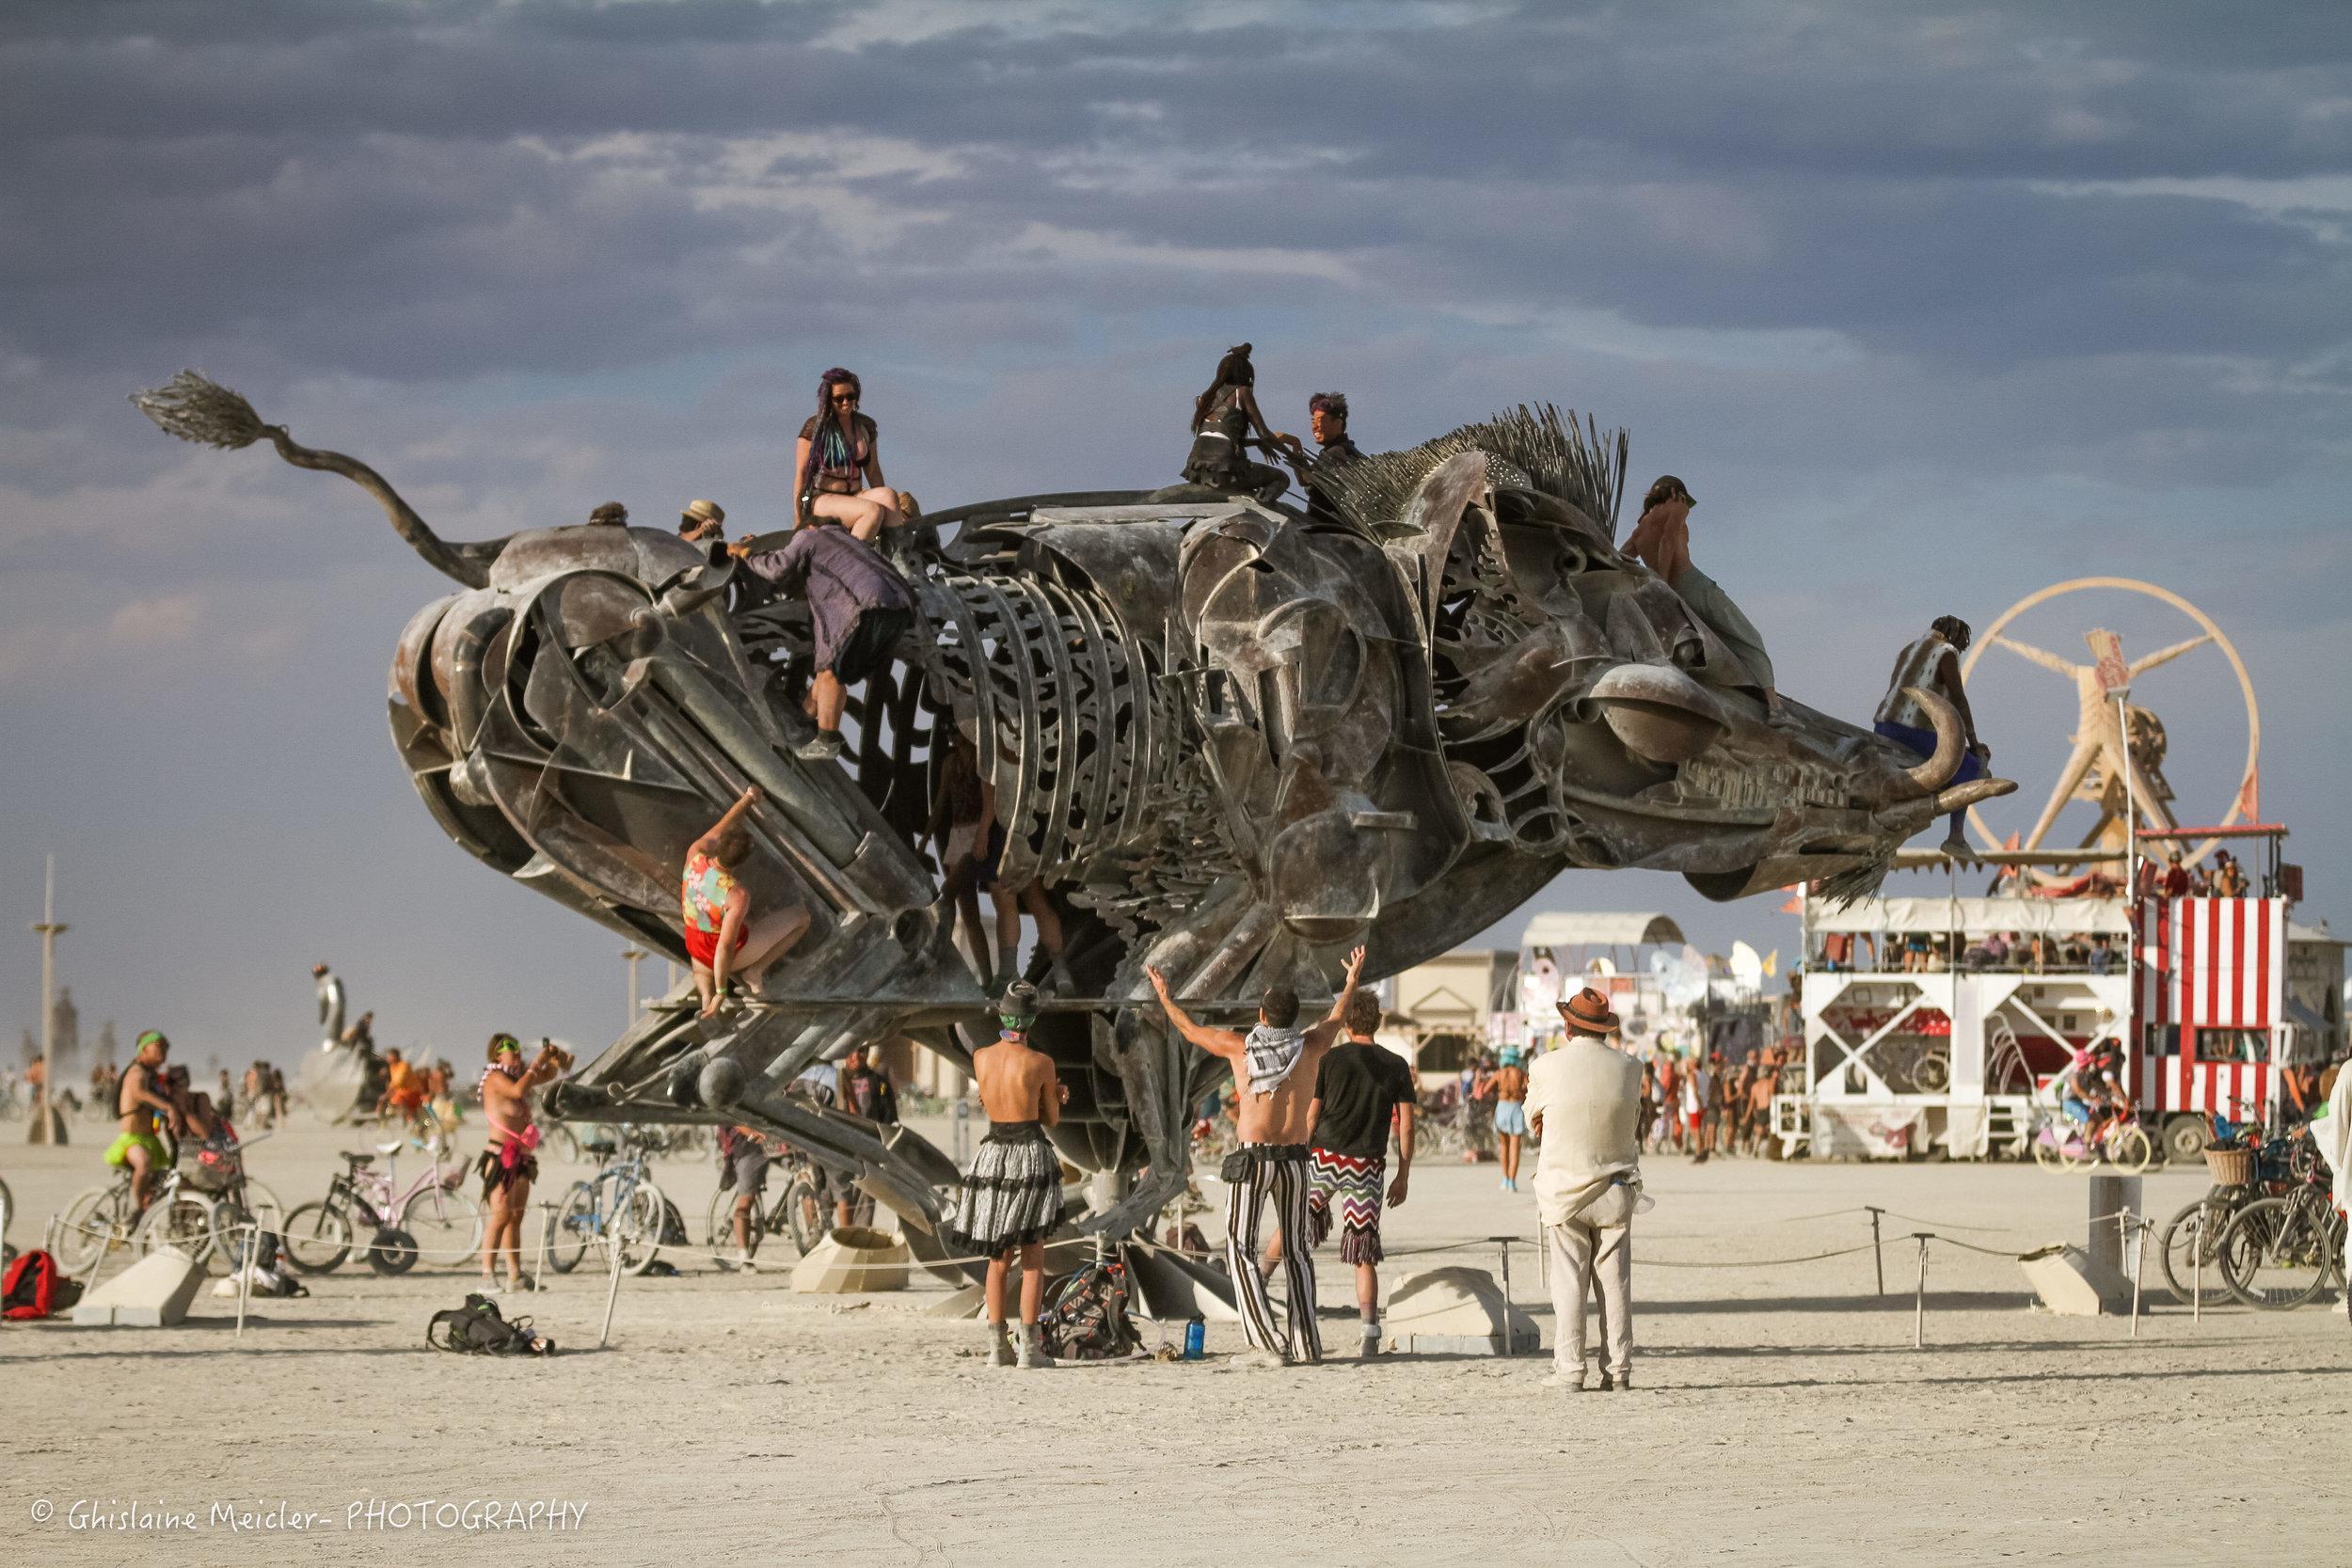 Burning Man-19209.jpg